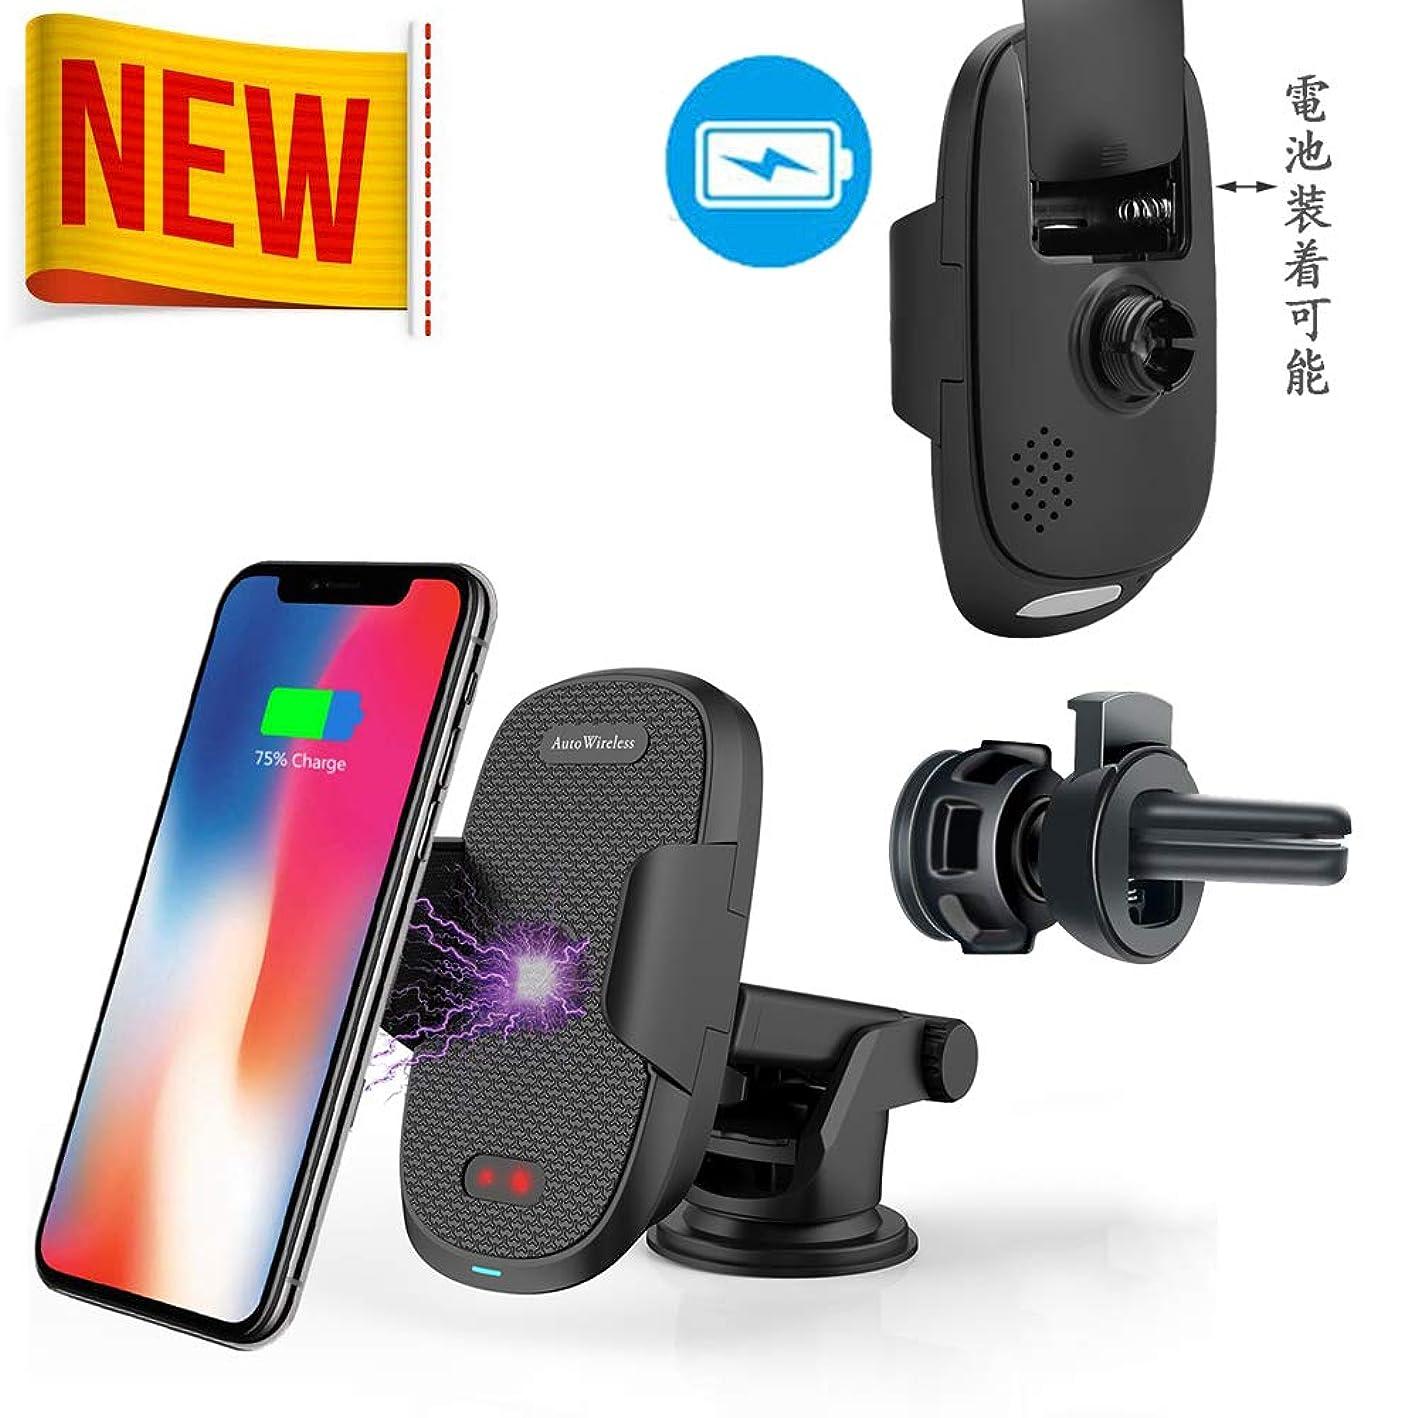 予測キリンスピーチ[2019新版功能両用]車載ワイヤレス充電器 スマホホルダー 赤外線センサー 自動開閉 ホルダー 10w/7.5/5w 急速充電 スマートフォンホルダー 片手操作 粘着式&吹き出し口2種類取り付 iPhoneX/XR/XS/XSMAX/8/8 Plus/Galaxy S9/S8/S8 Plus/S7/S7 Edge/S6/S6 Edge/Note 8/Note 5/Nexus 5/6等多機種対応